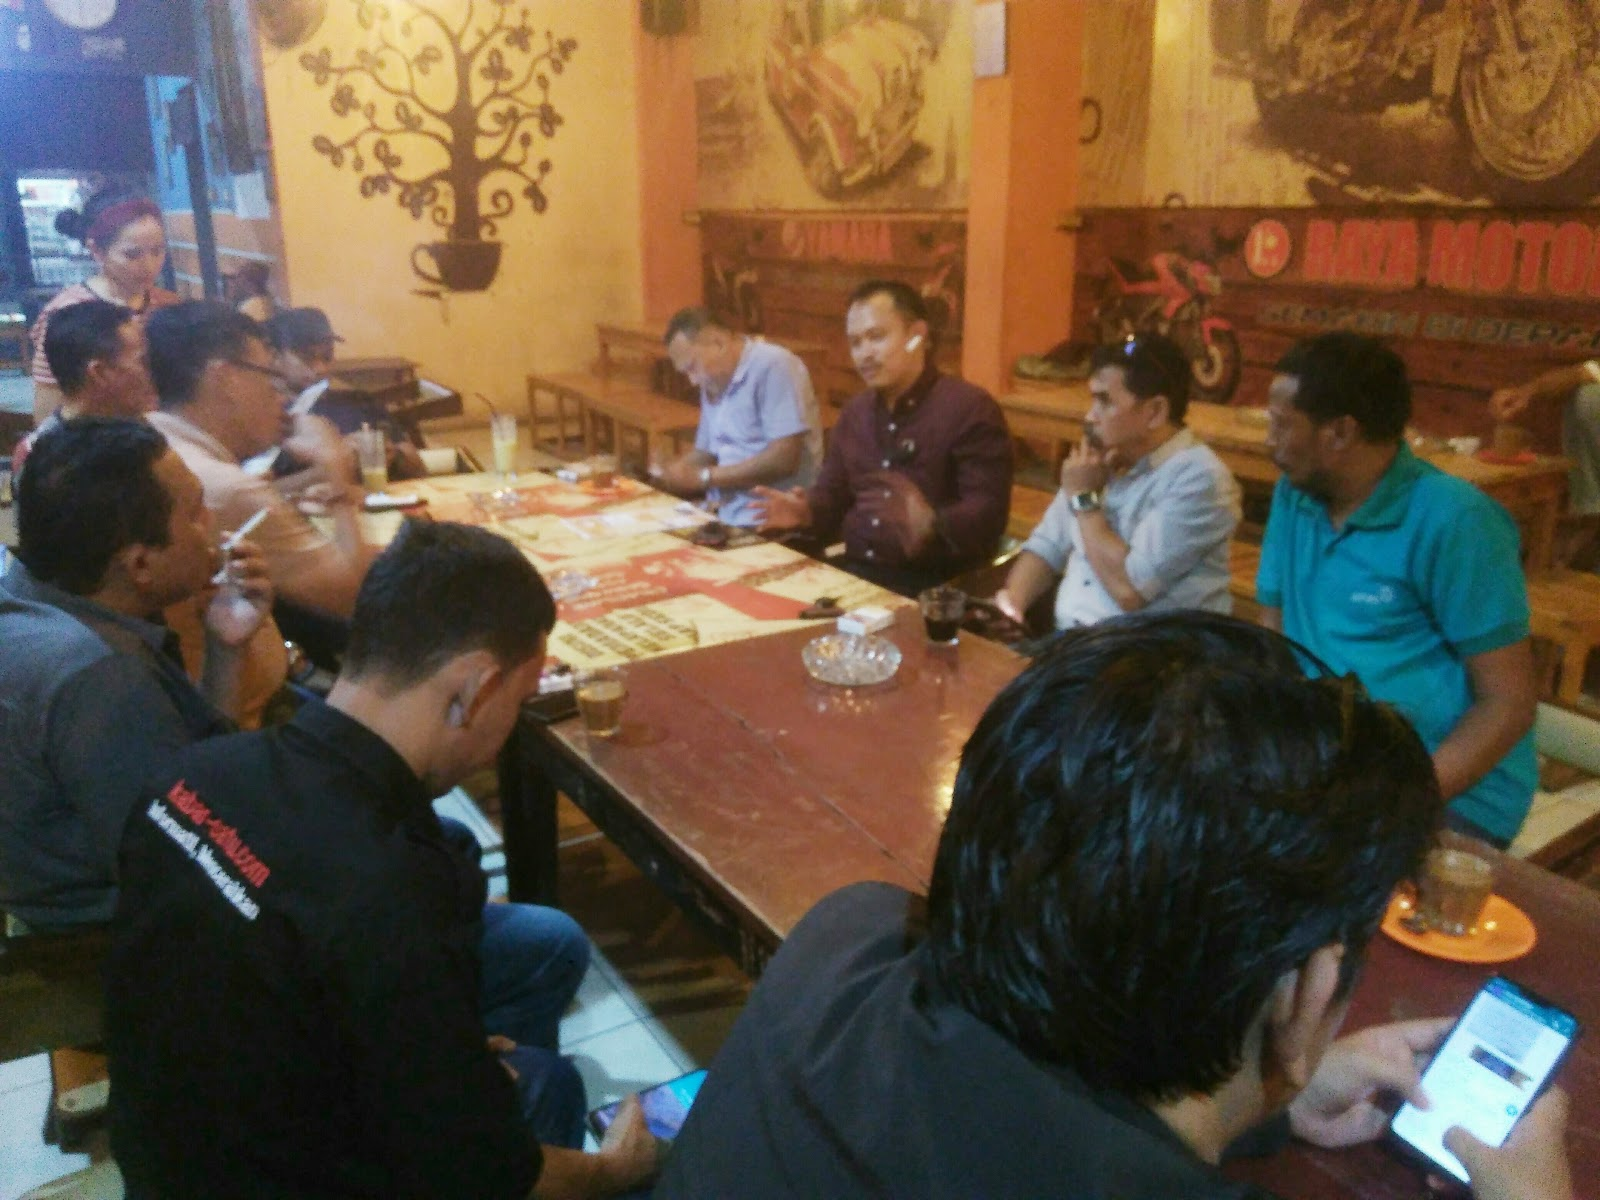 Kasat Reskrim Polres Soppeng Ajak Media Hindari Berita Pemicu Konflik